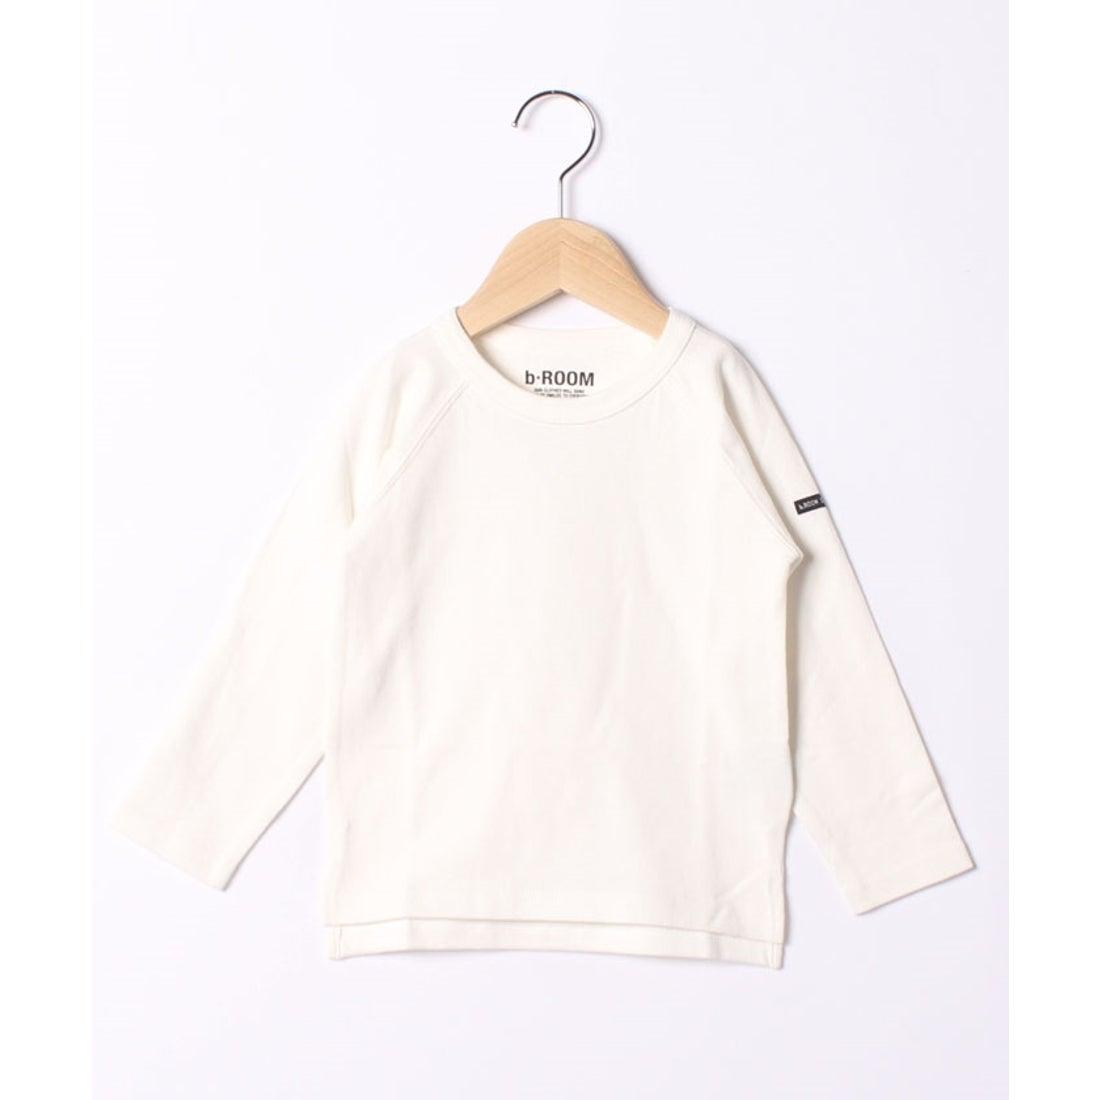 ロコンド 靴とファッションの通販サイトb-ROOM 【WEB限定】ラグラン長袖Tシャツ(オフホワイト)